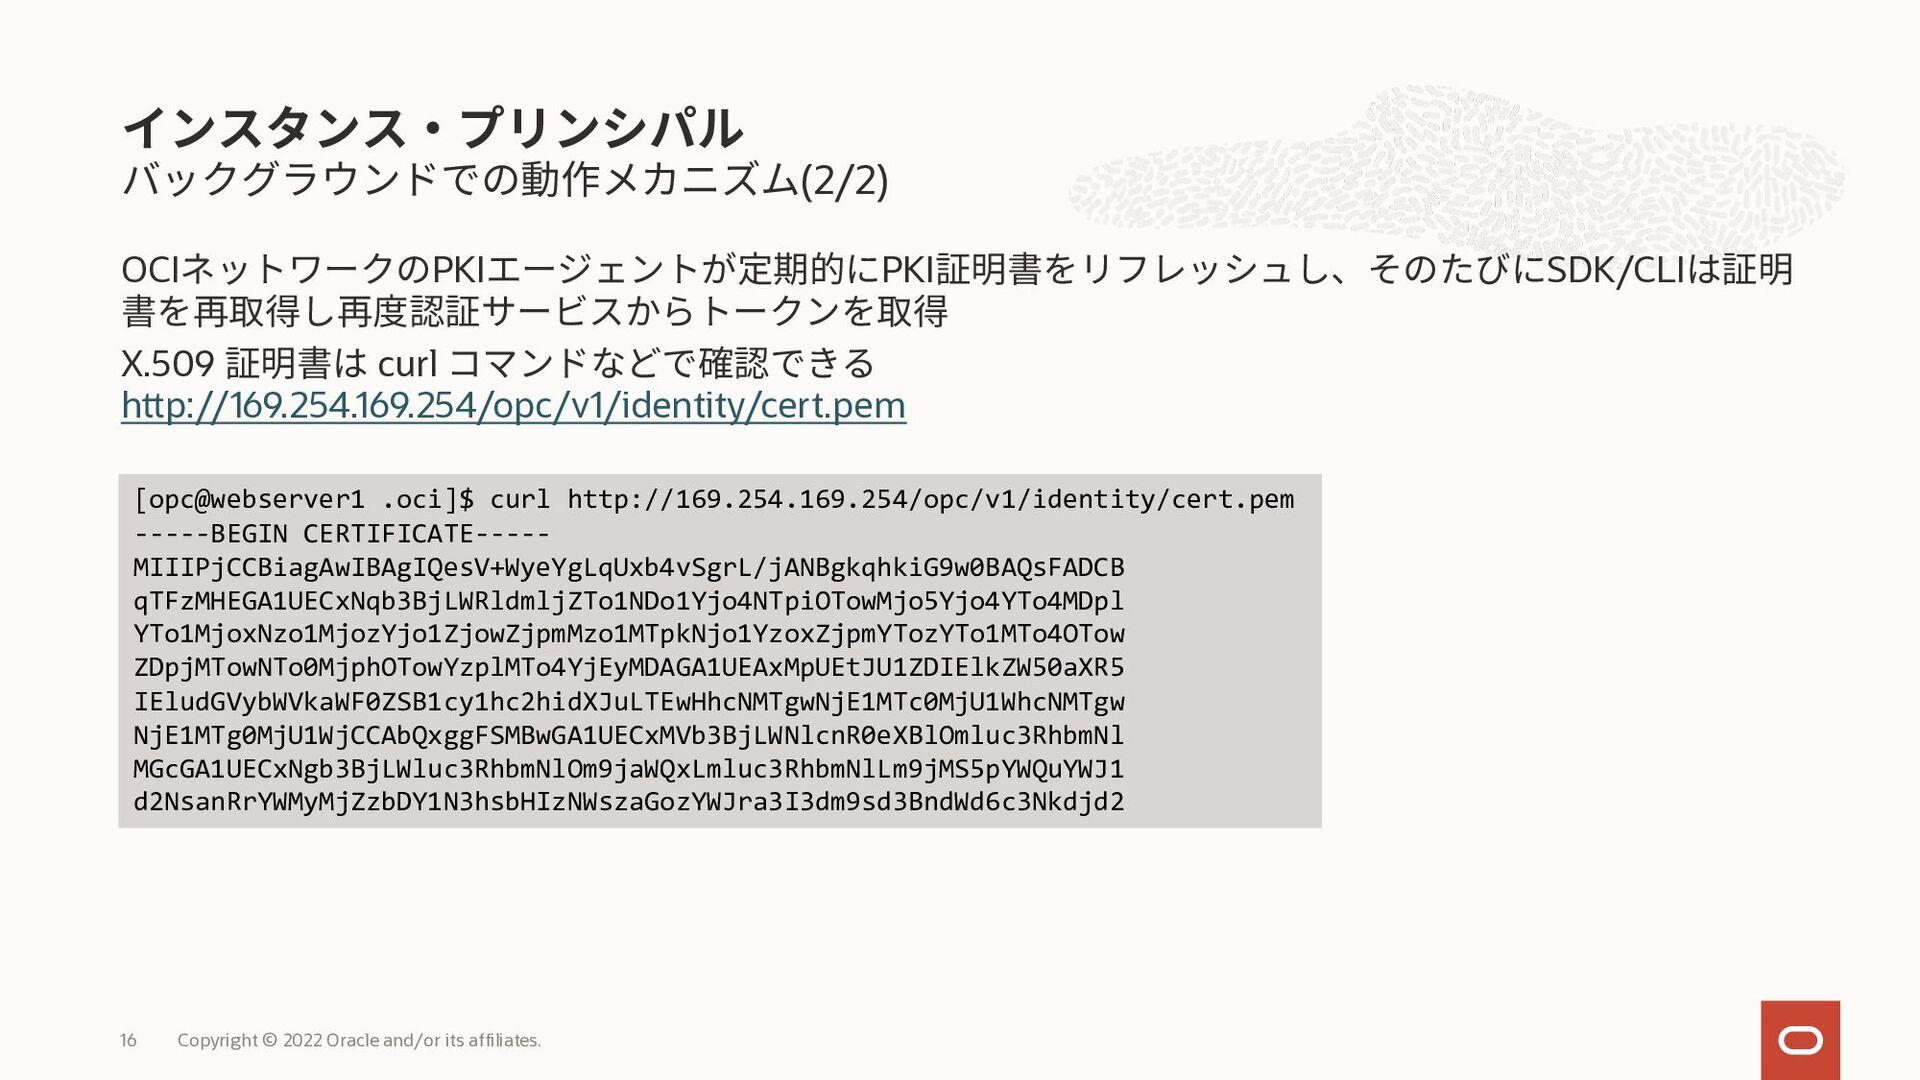 多要素認証(MFA)は、ユーザーのIDを確認するために複数の要素を使用する必要がある認証方法 ...